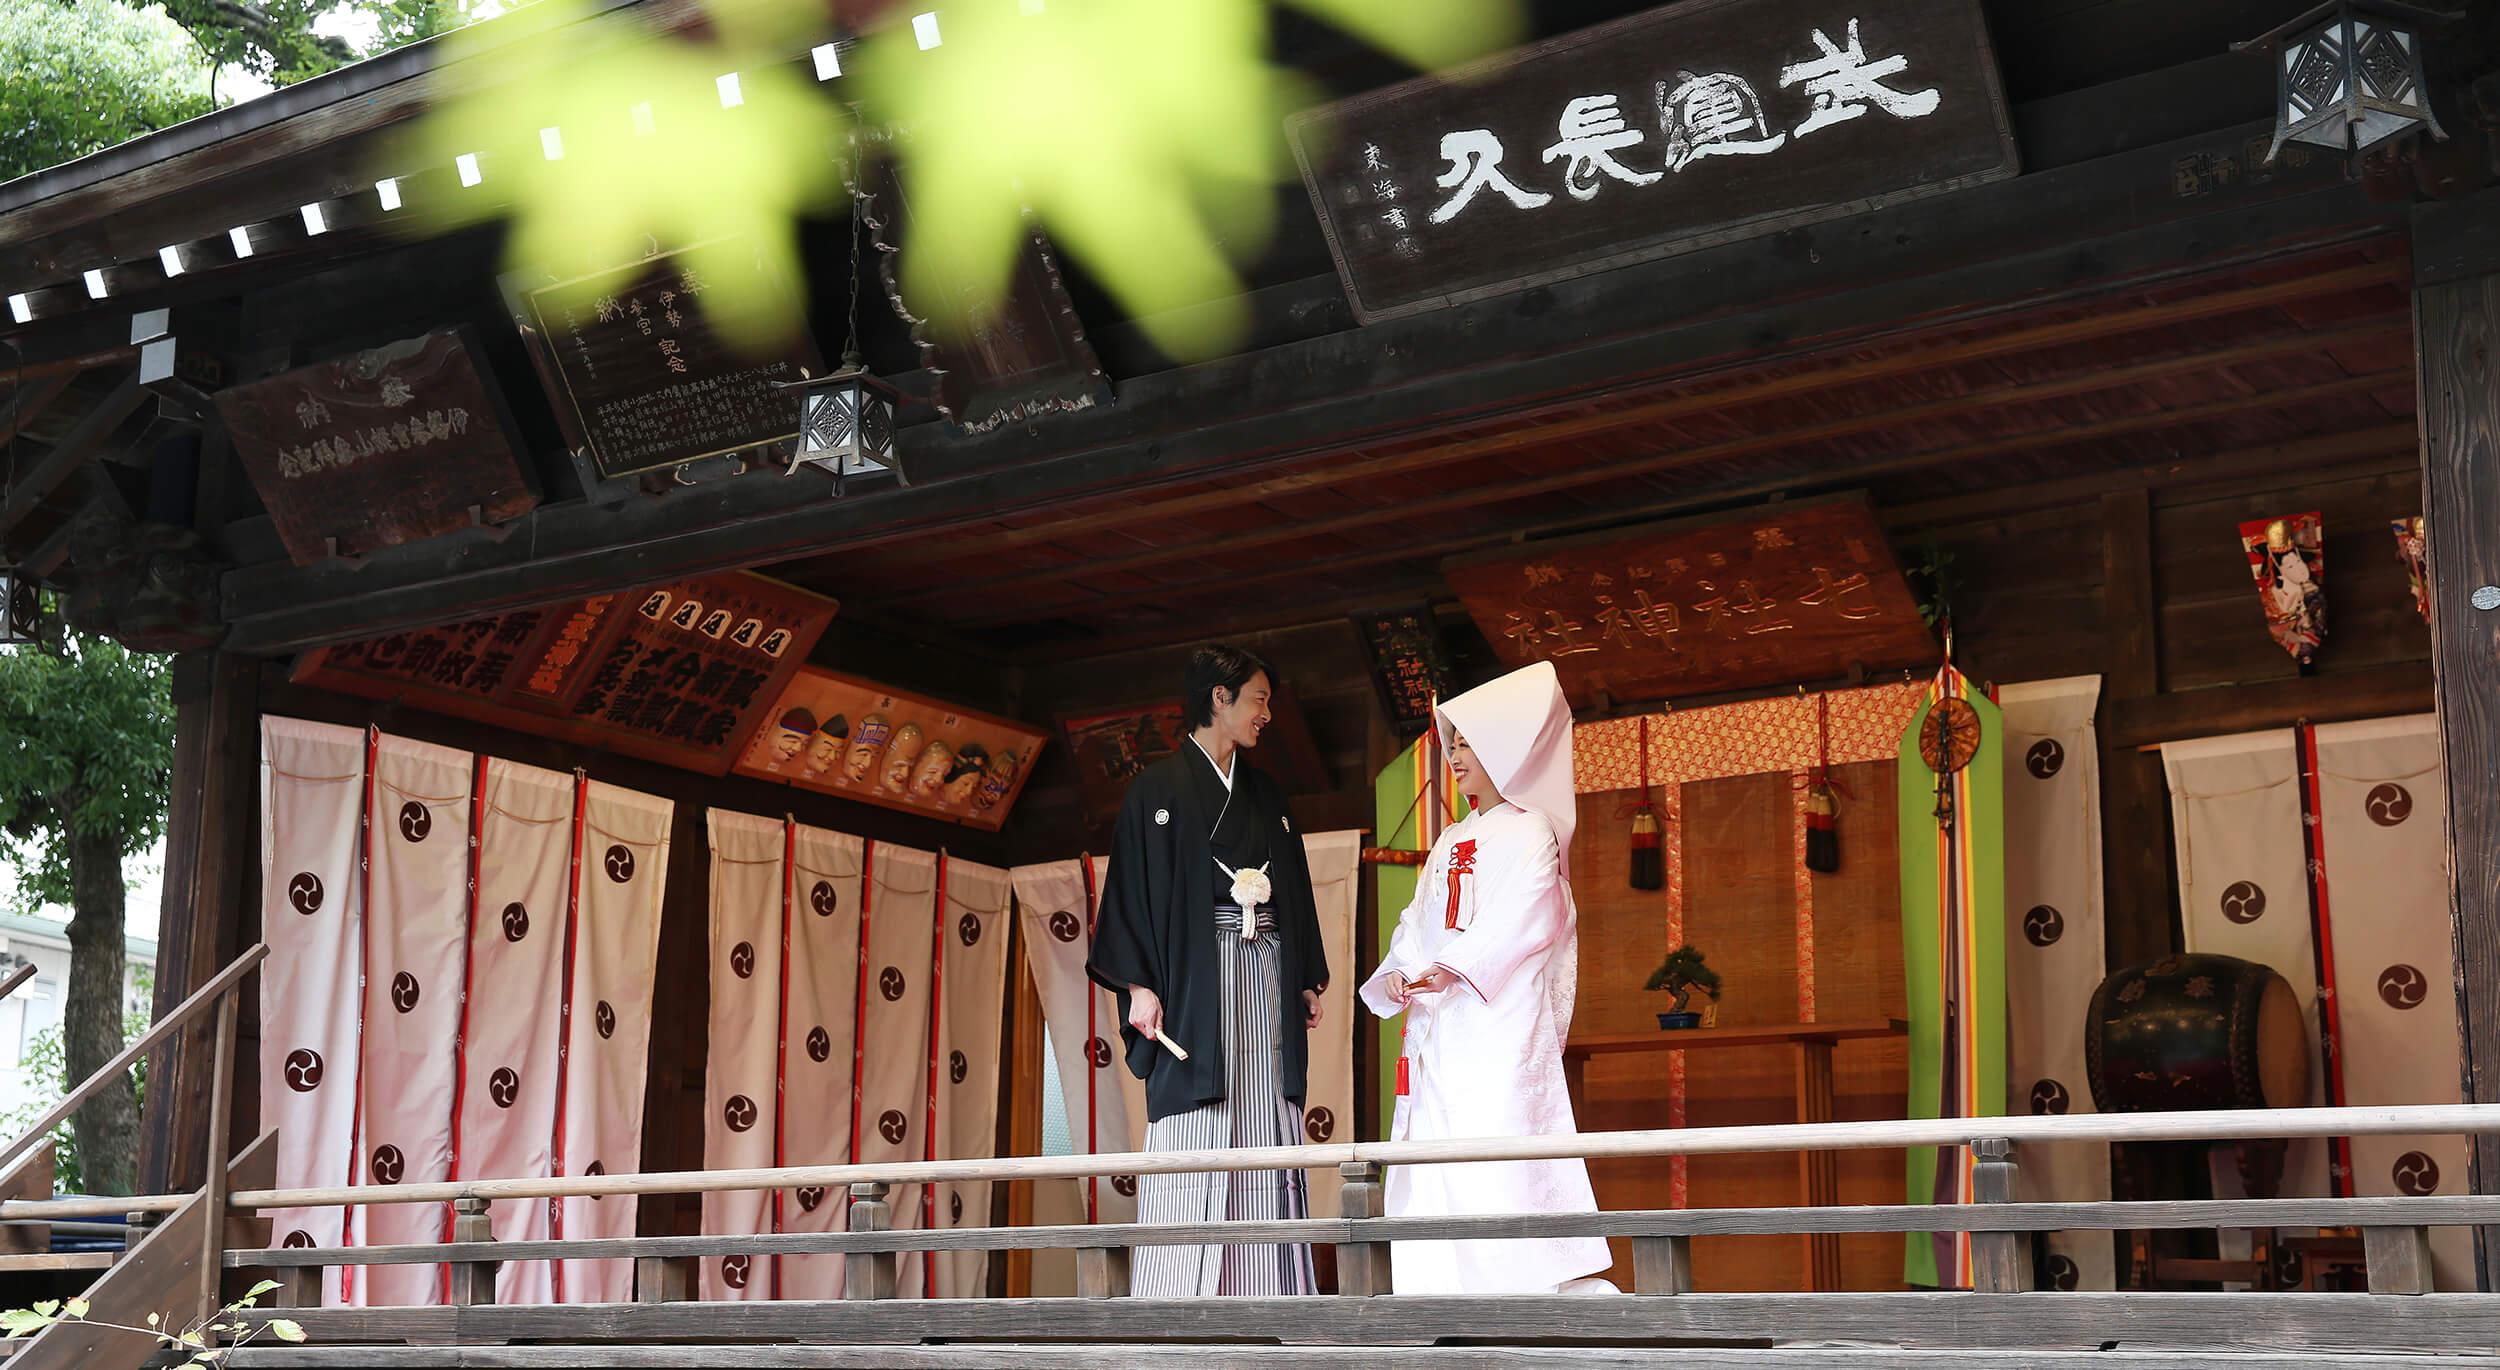 七社神社では、神前式でお二人の永遠の幸せを心より祝福いたします。